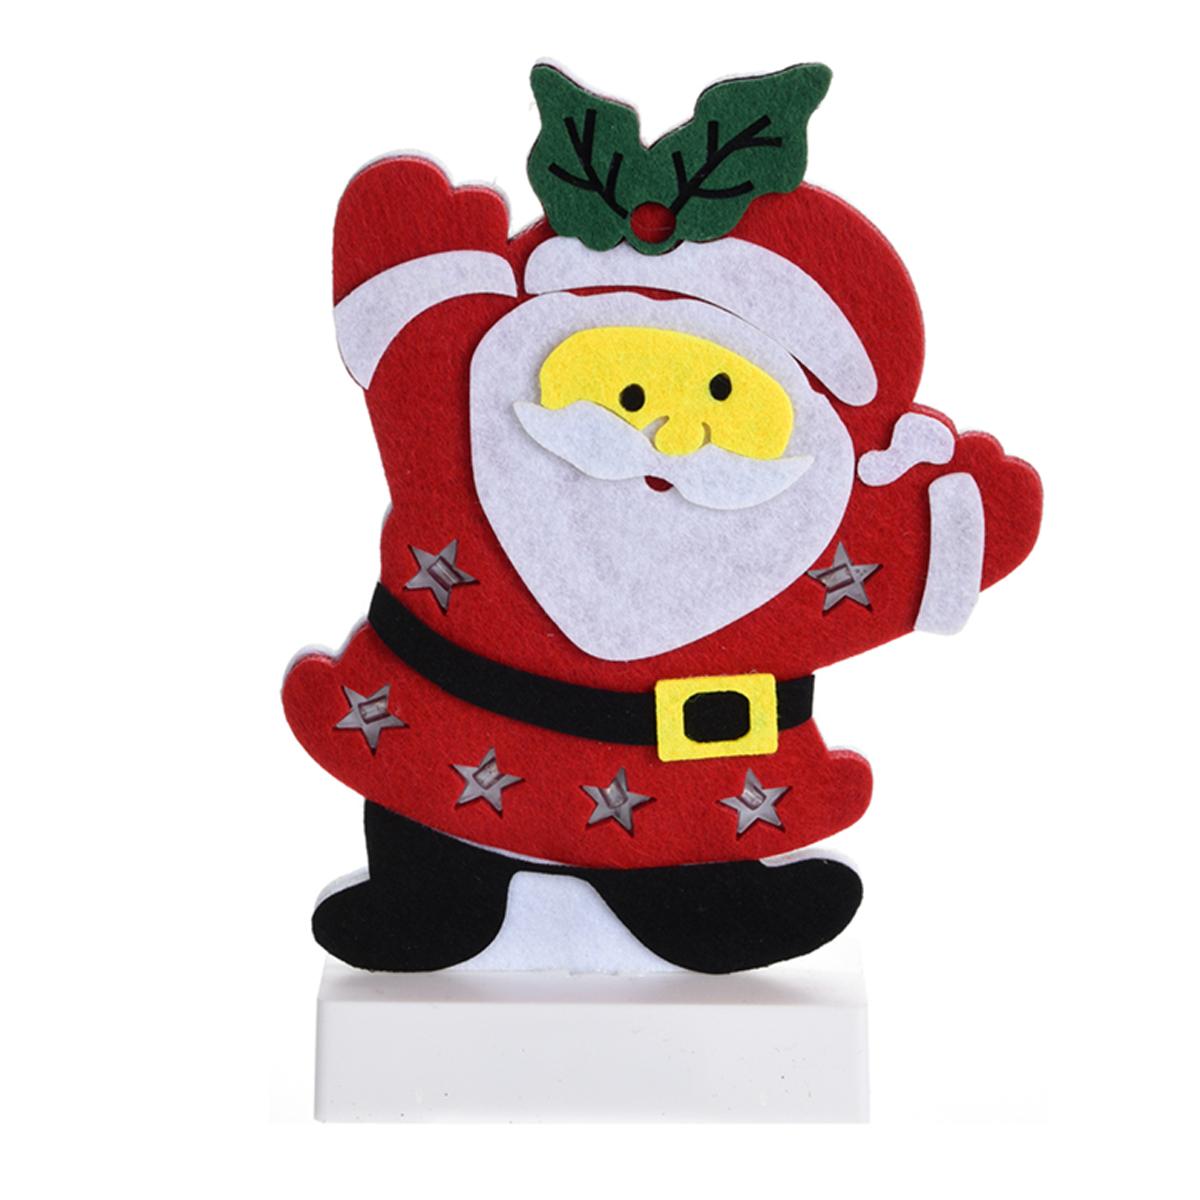 weihnachtsfigur aufsteller led 25cm filz winter beleuchtung weihnachten schnee ebay. Black Bedroom Furniture Sets. Home Design Ideas